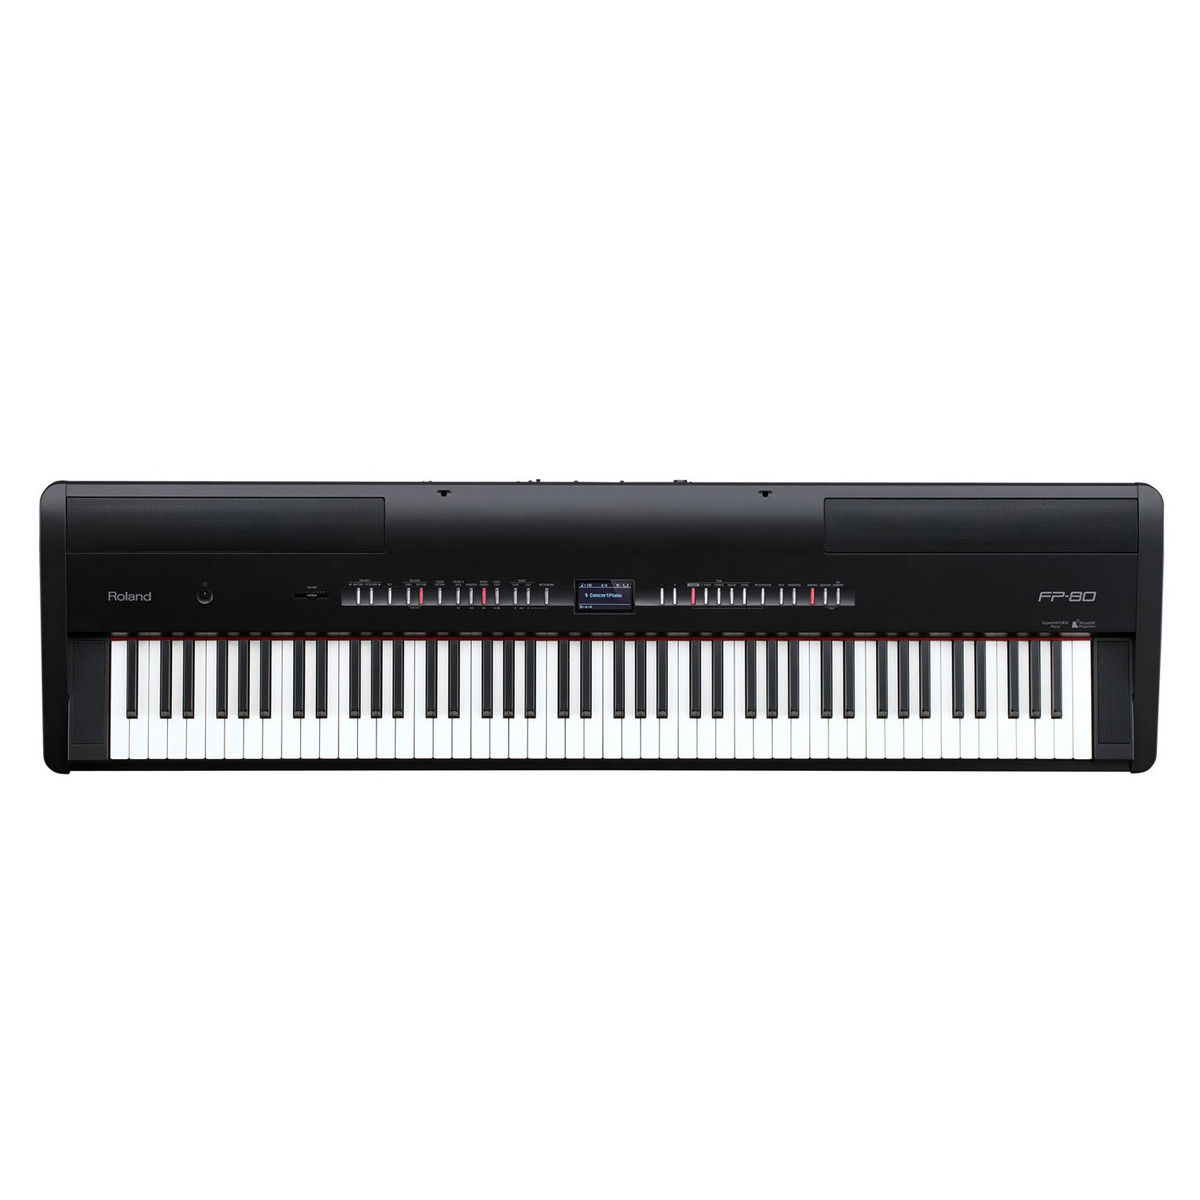 Roland fp 80 pianoforte digitale supernatural nero for Generatore di piano